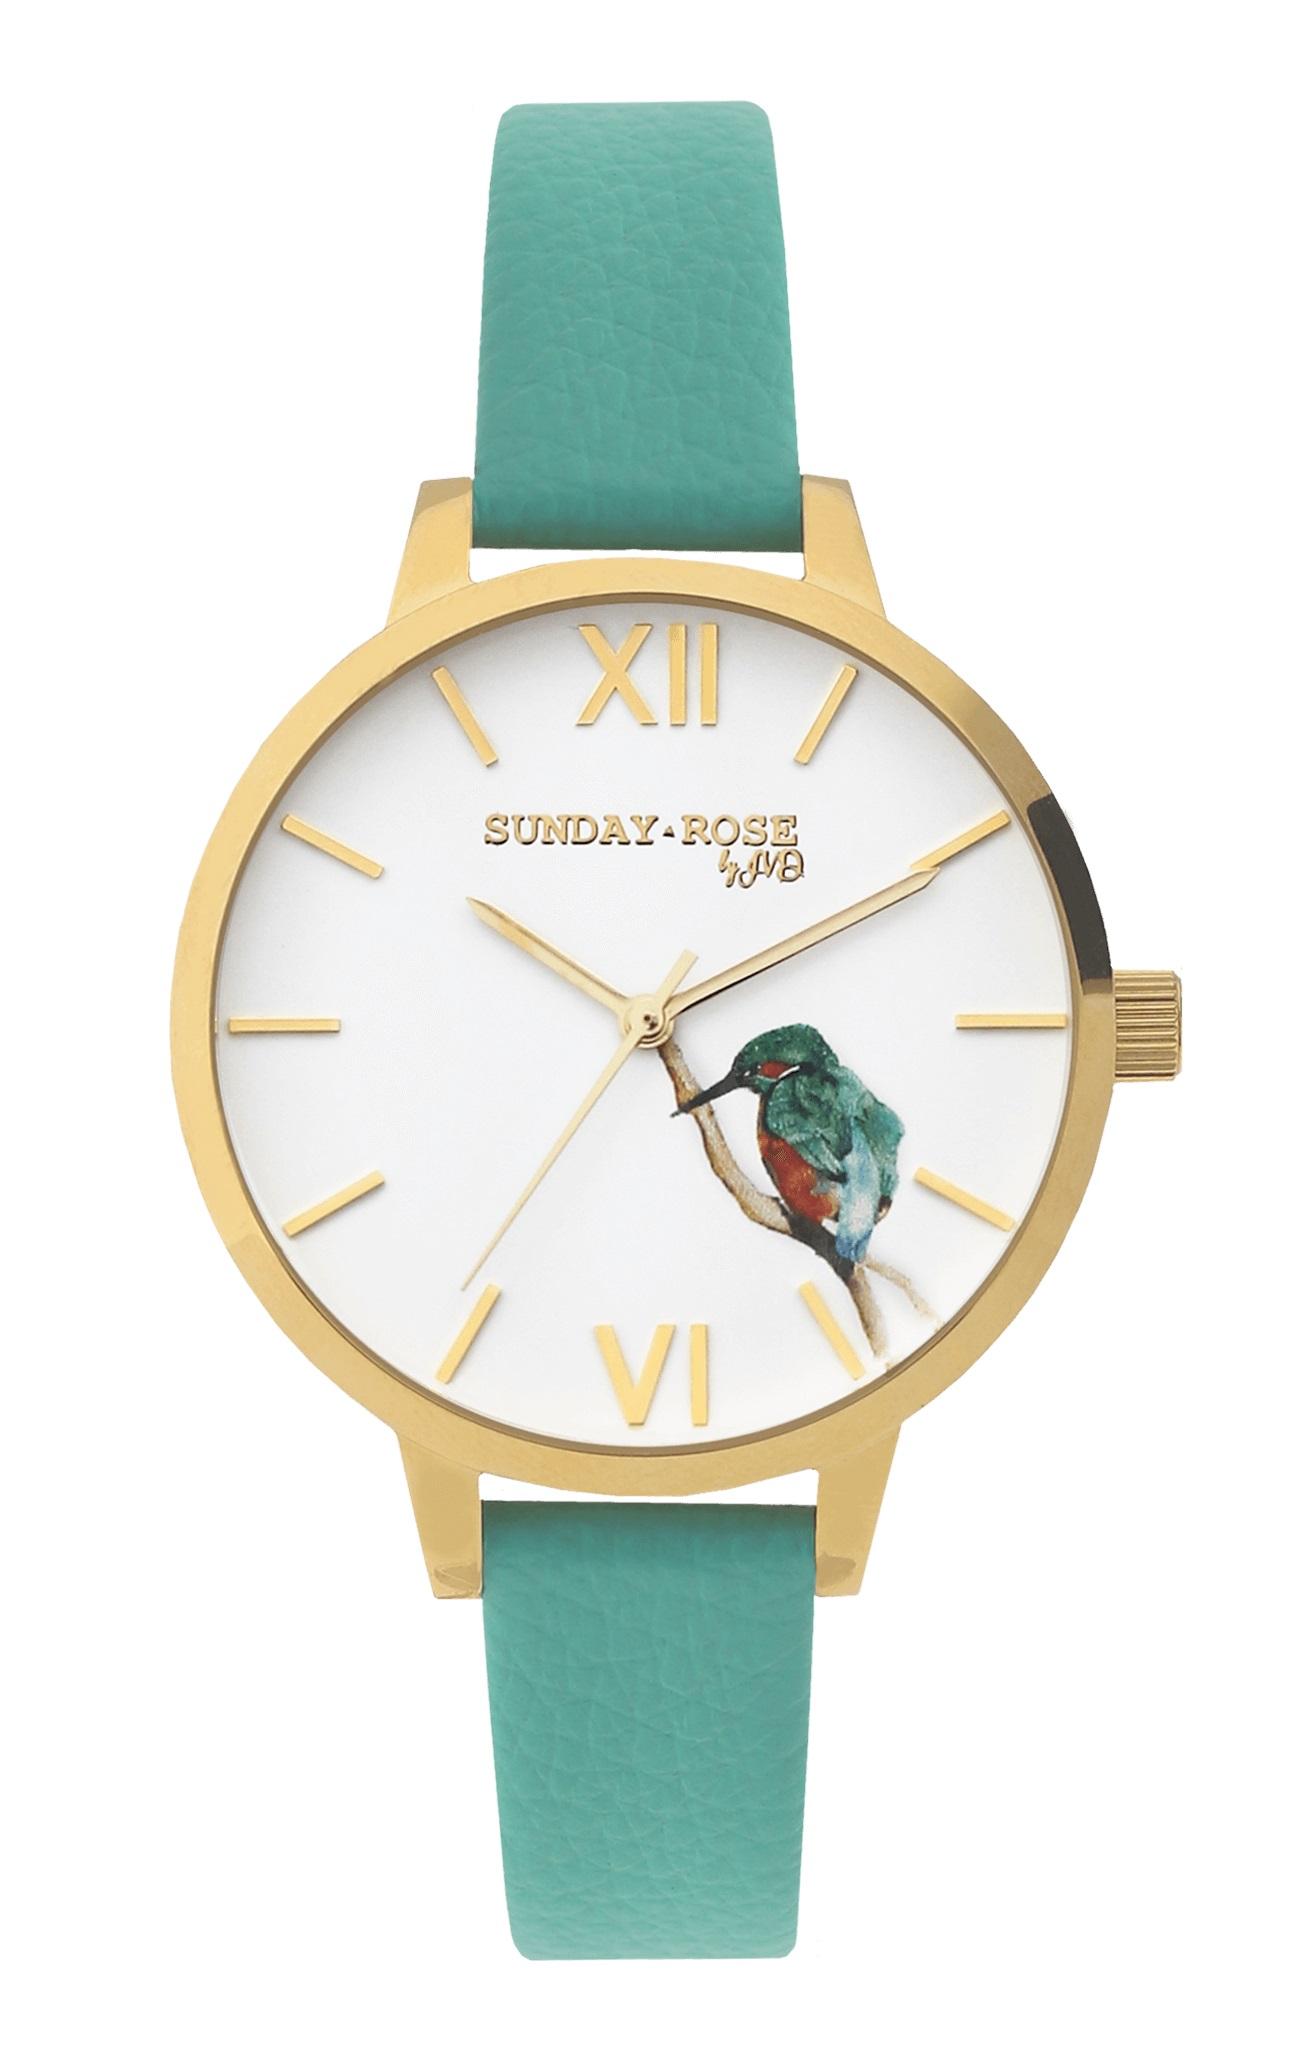 Dámské luxusní designové hodinky SUNDAY ROSE Spirit WONDERLAND (POŠTOVNÉ ZDARMA!!)